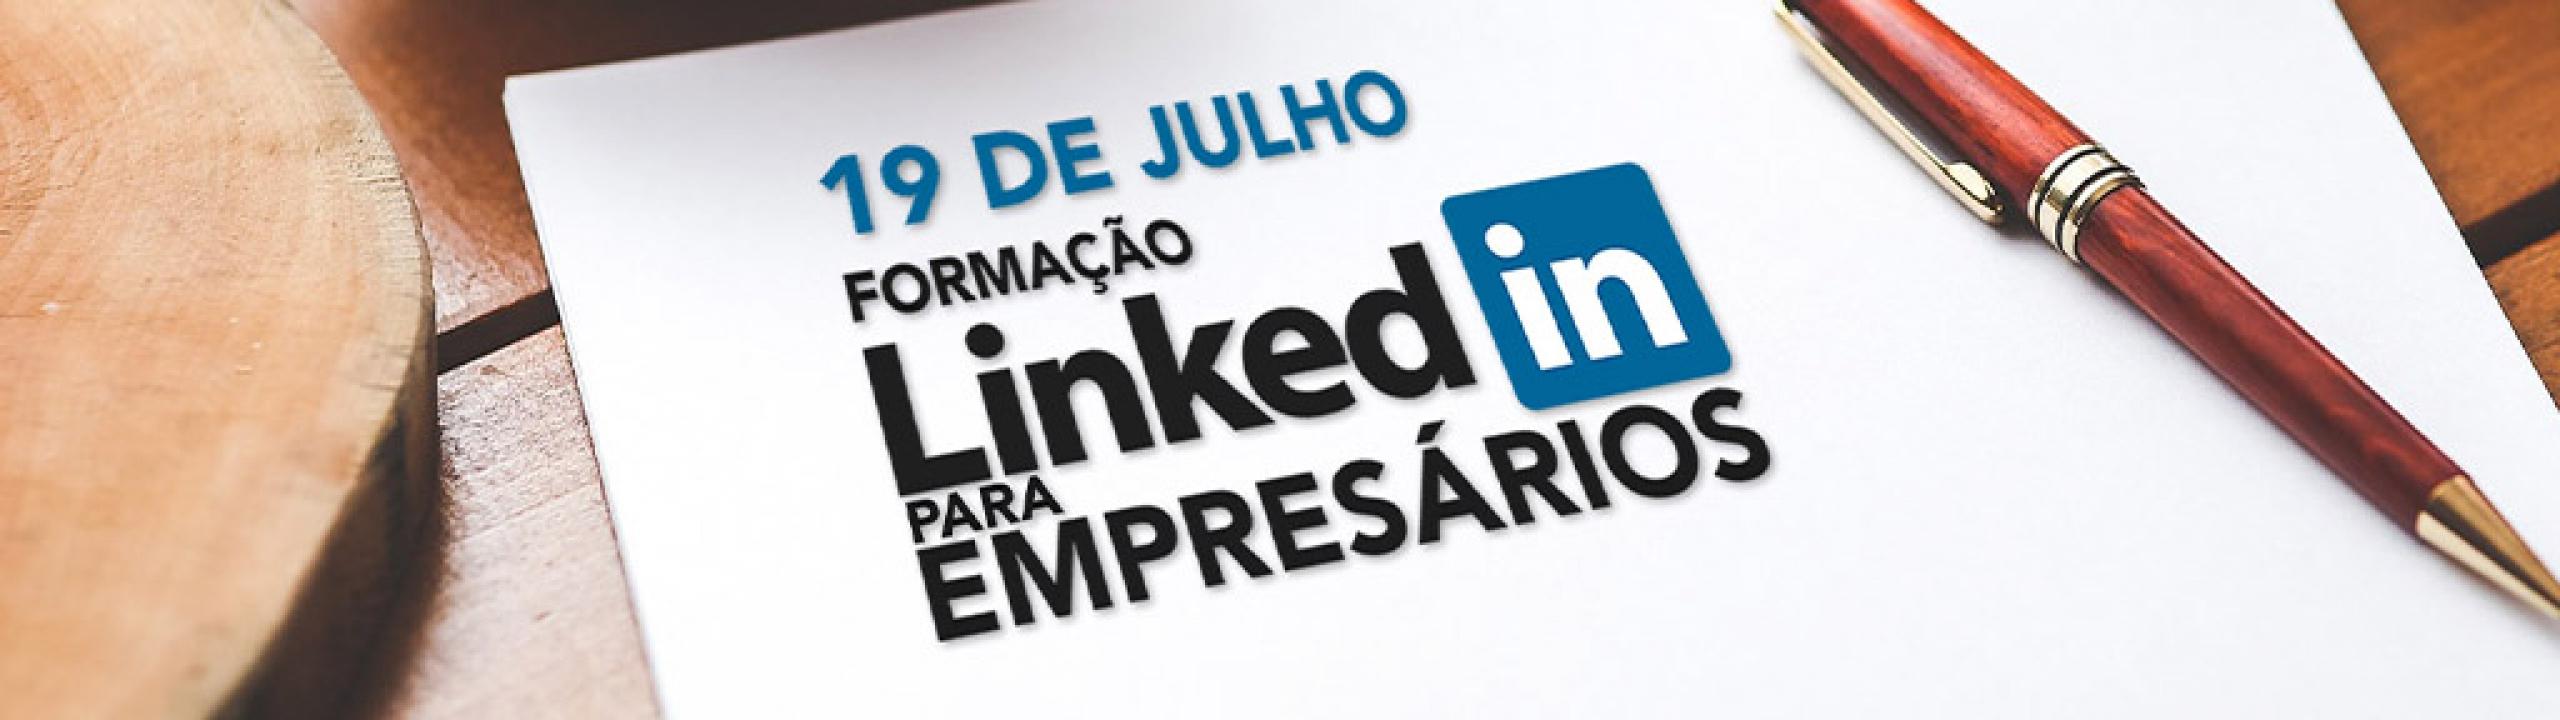 Formação LinkedIn para Empresários - 19 de Julho